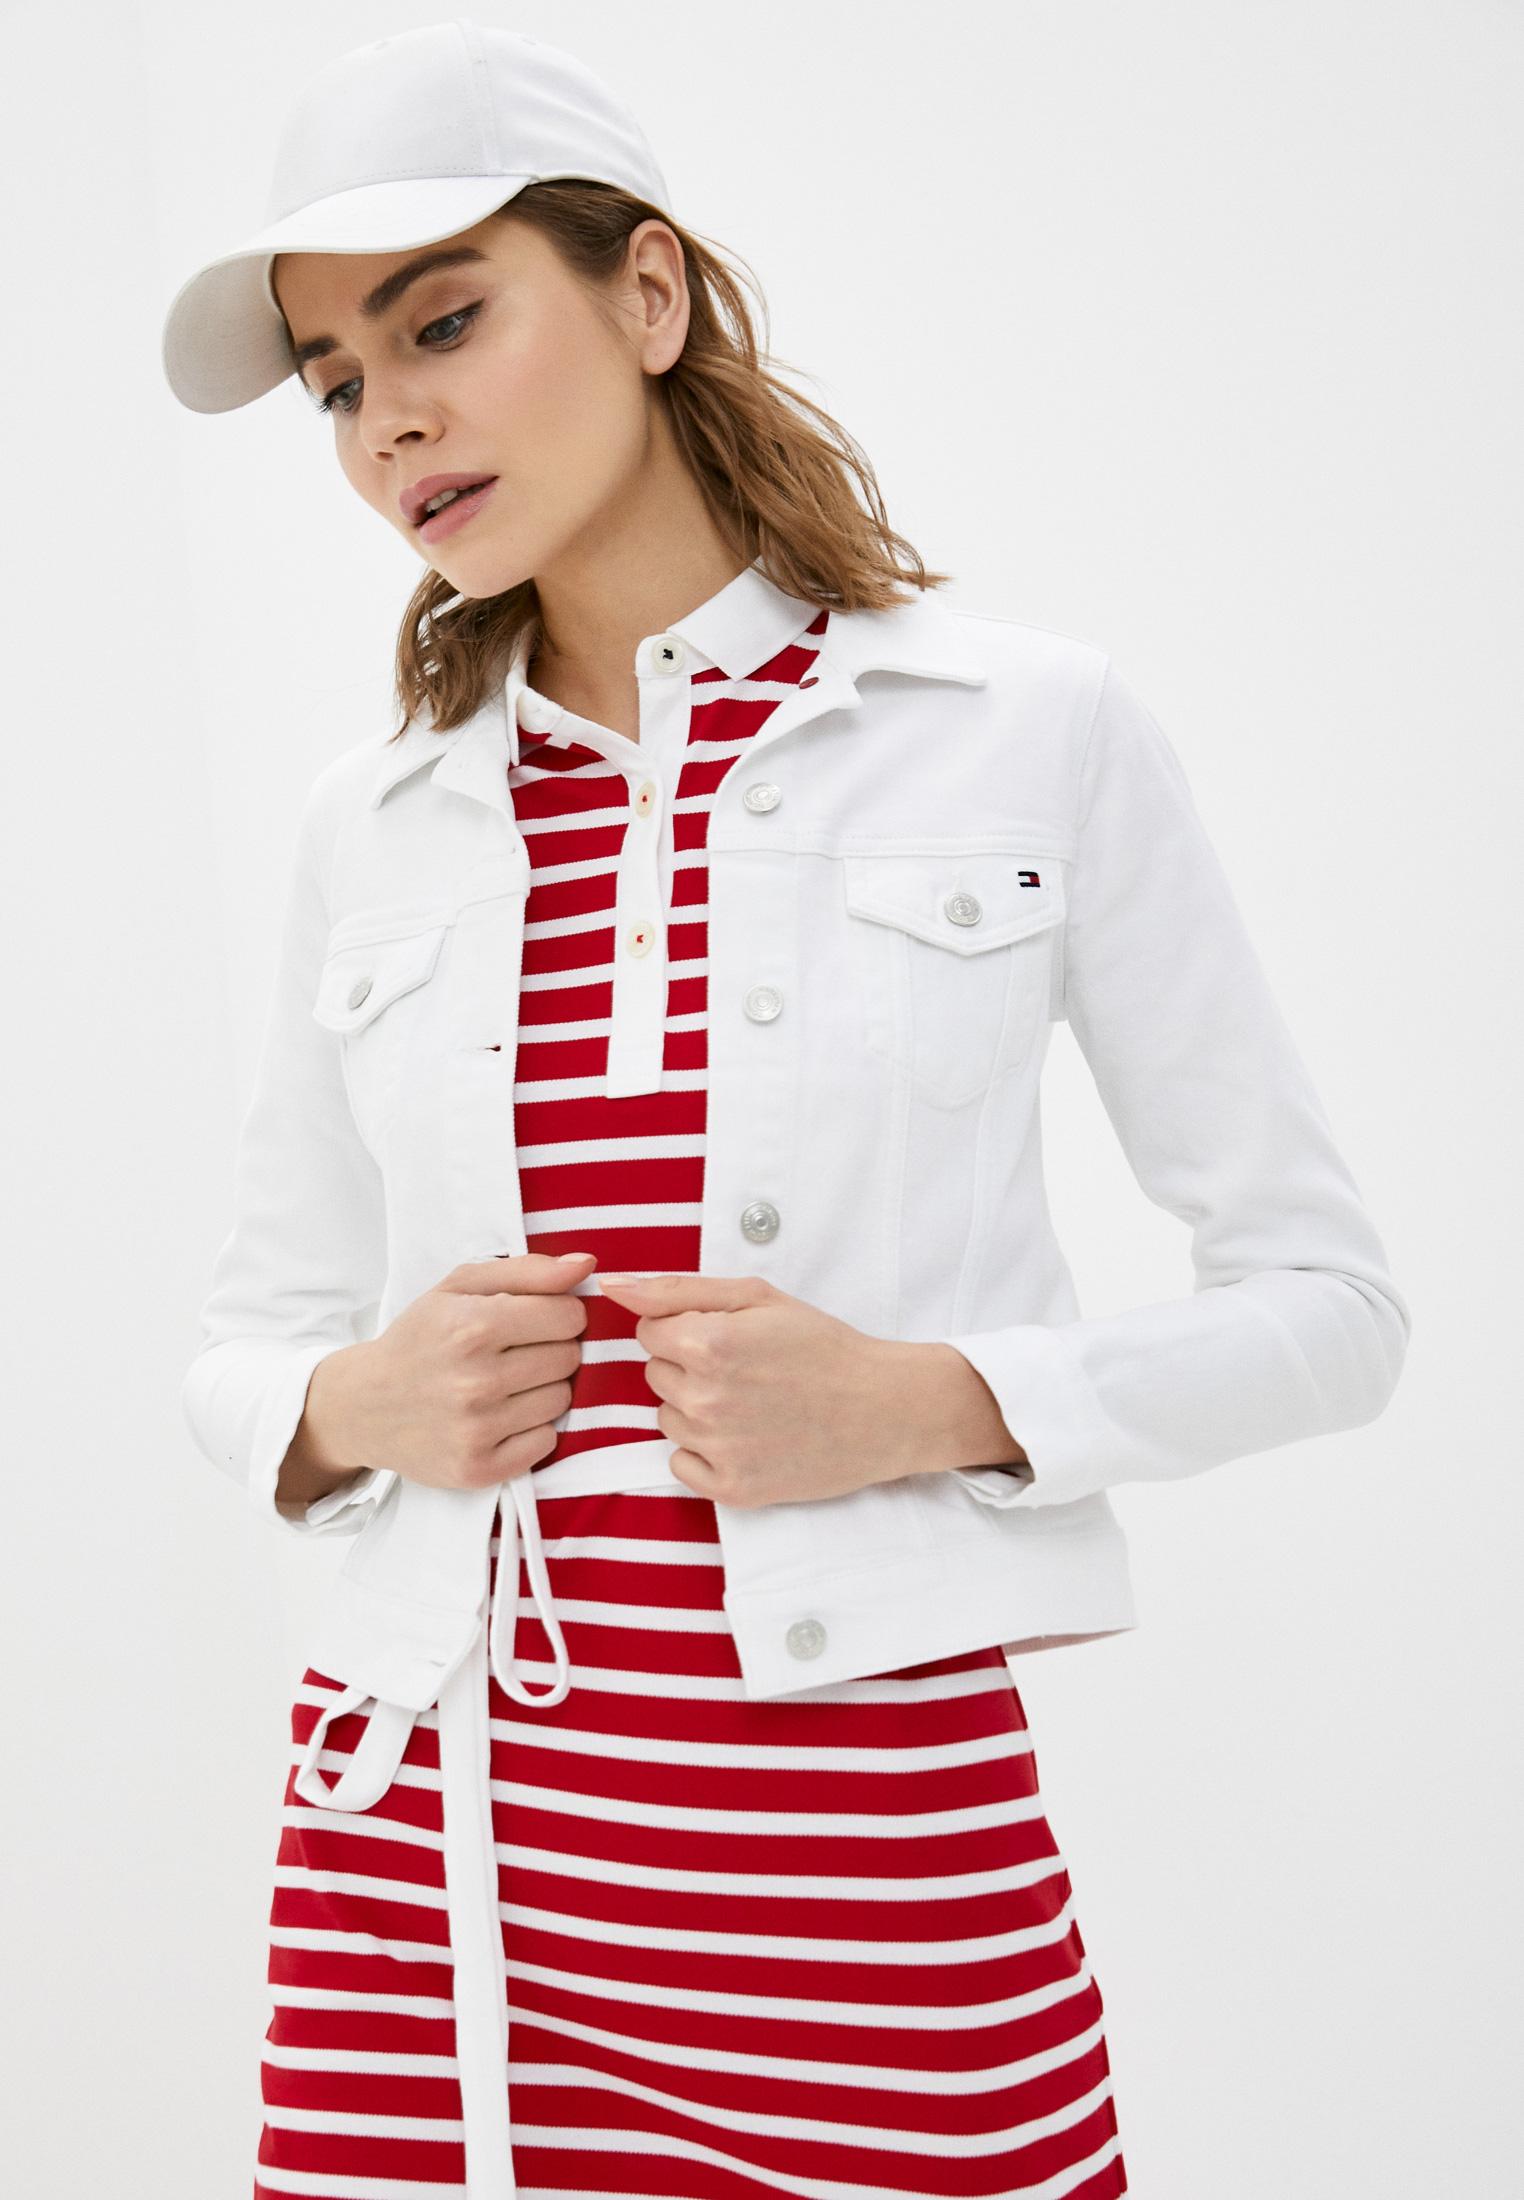 Джинсовая куртка Tommy Hilfiger (Томми Хилфигер) Куртка джинсовая Tommy Hilfiger